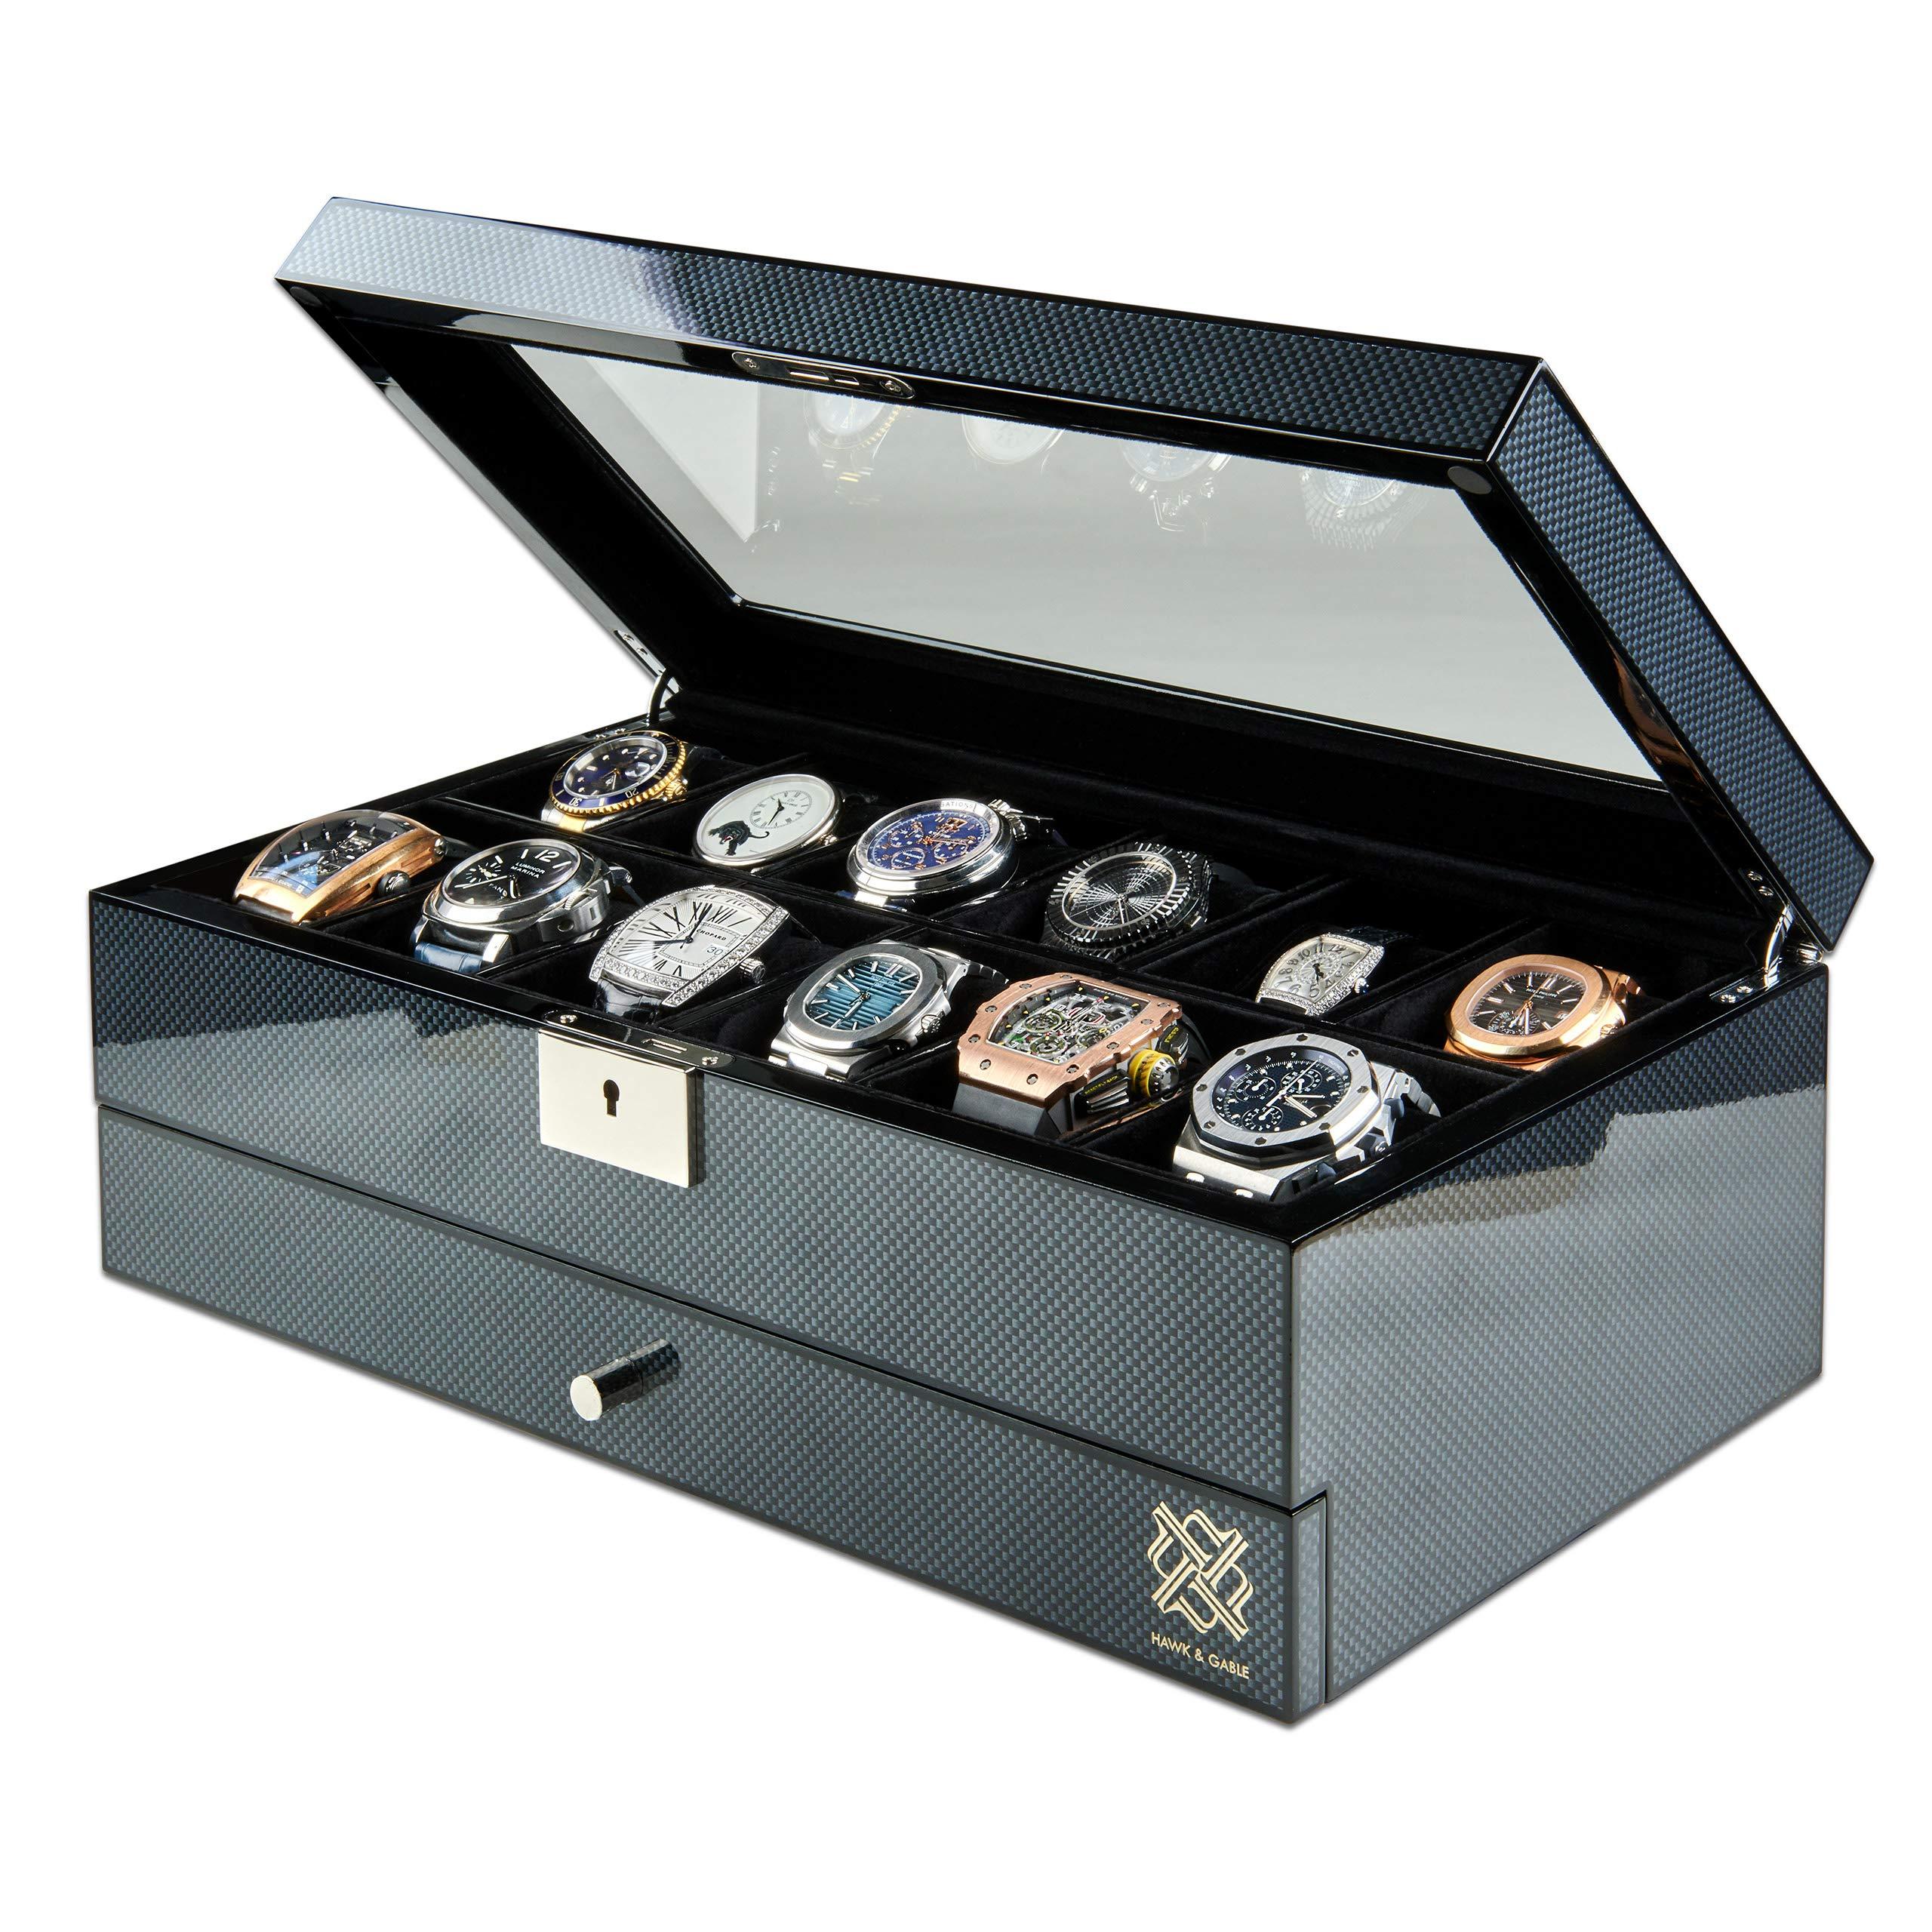 HAWK & GABLE Specter Valet 优质 12 插槽手表盒收纳盒,带锁和玻璃显示屏的手表盒  用于珠宝和配饰的抽屉  男式手表壳  碳纤维表面